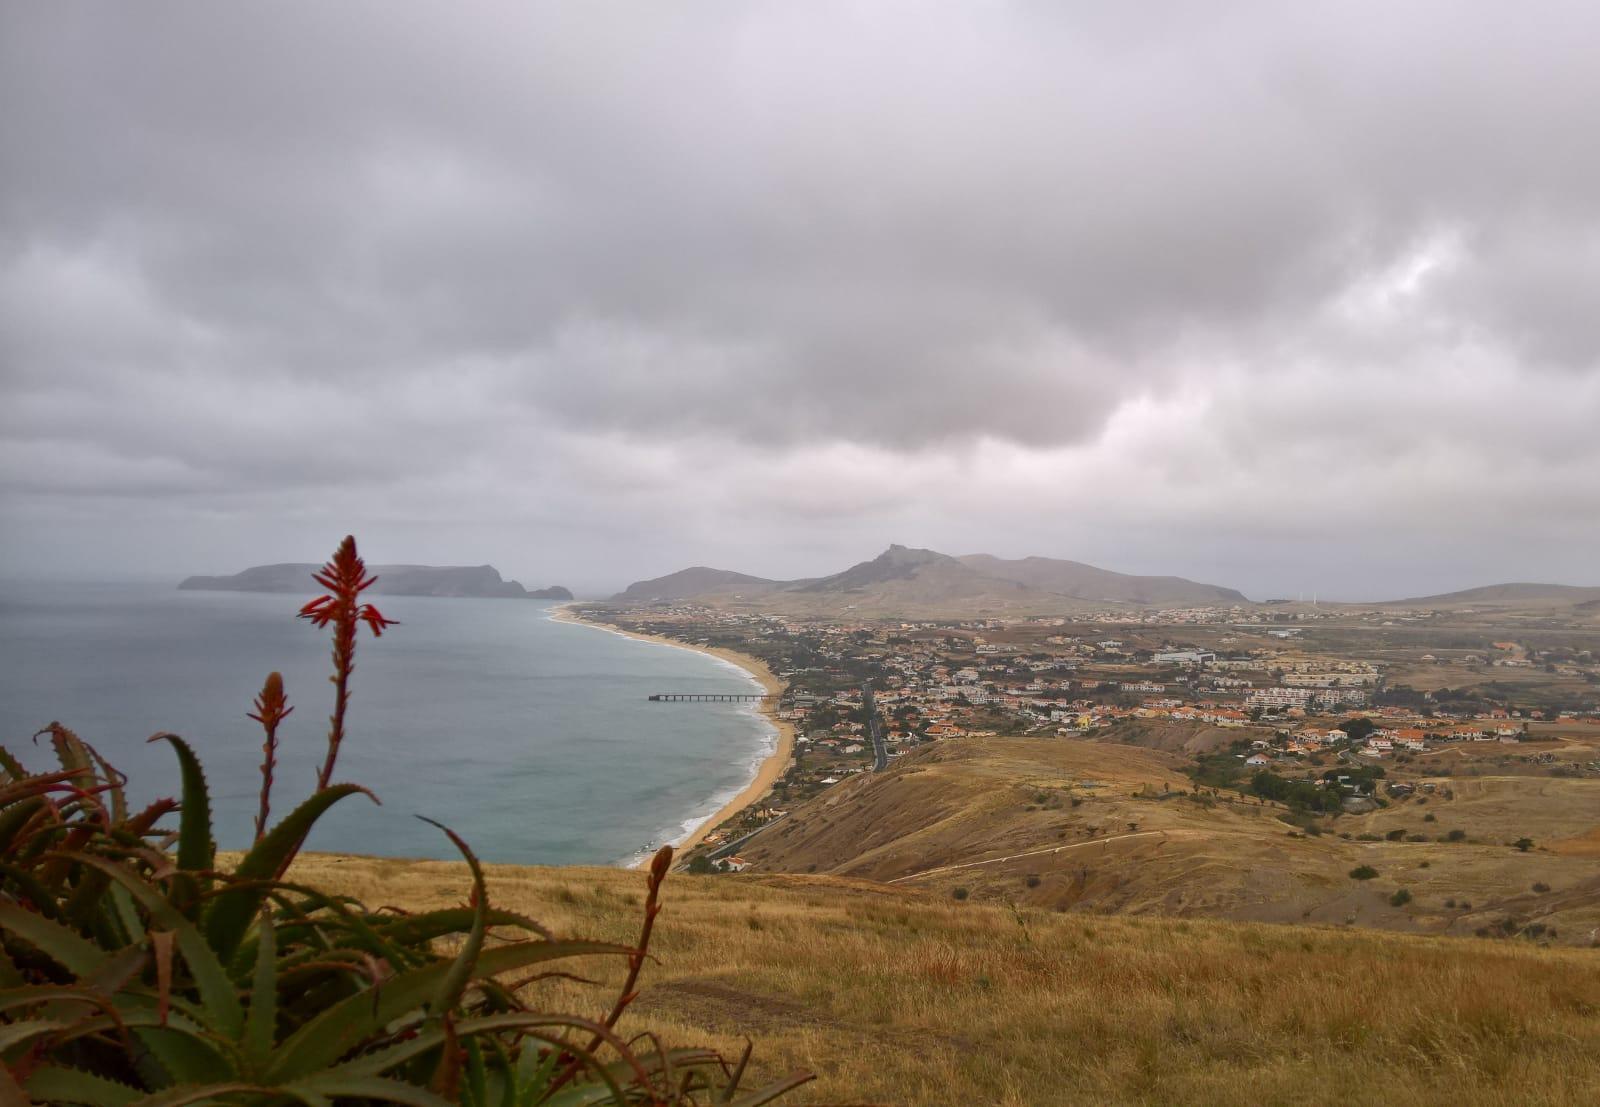 Viaggio a Madera: un giornata (grigia) sull'isola di Porto Santo